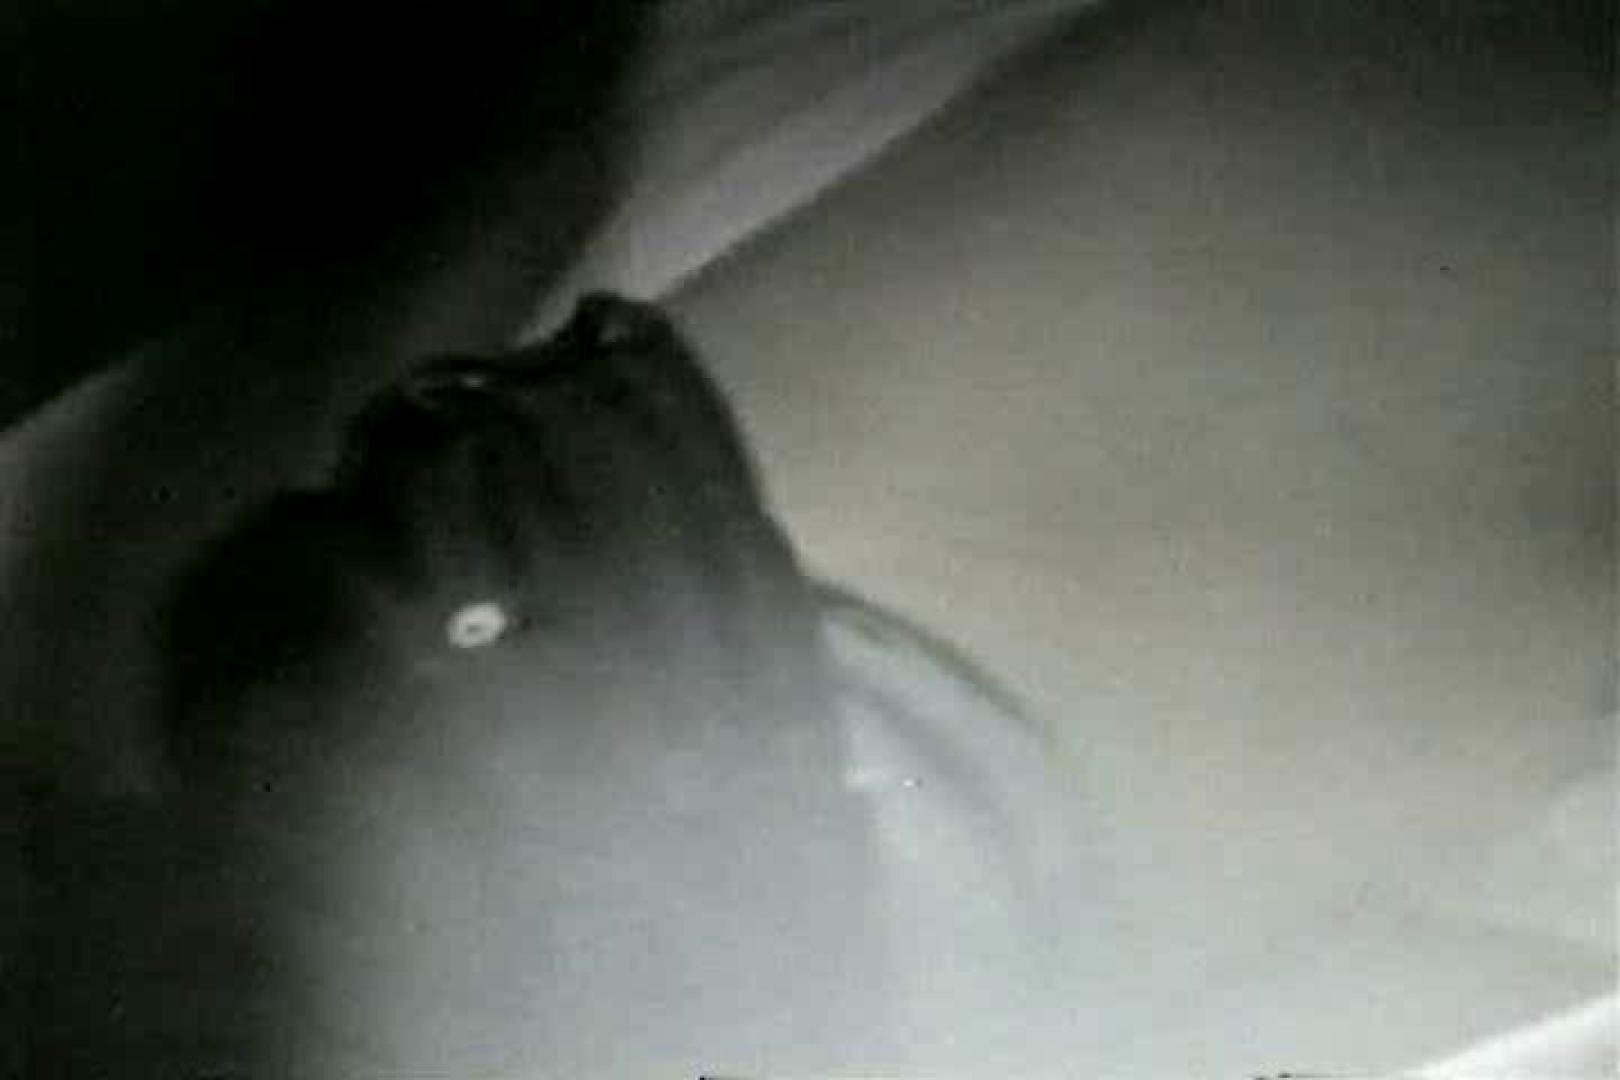 深夜の撮影会Vol.6 OLセックス 盗撮AV動画キャプチャ 88画像 52